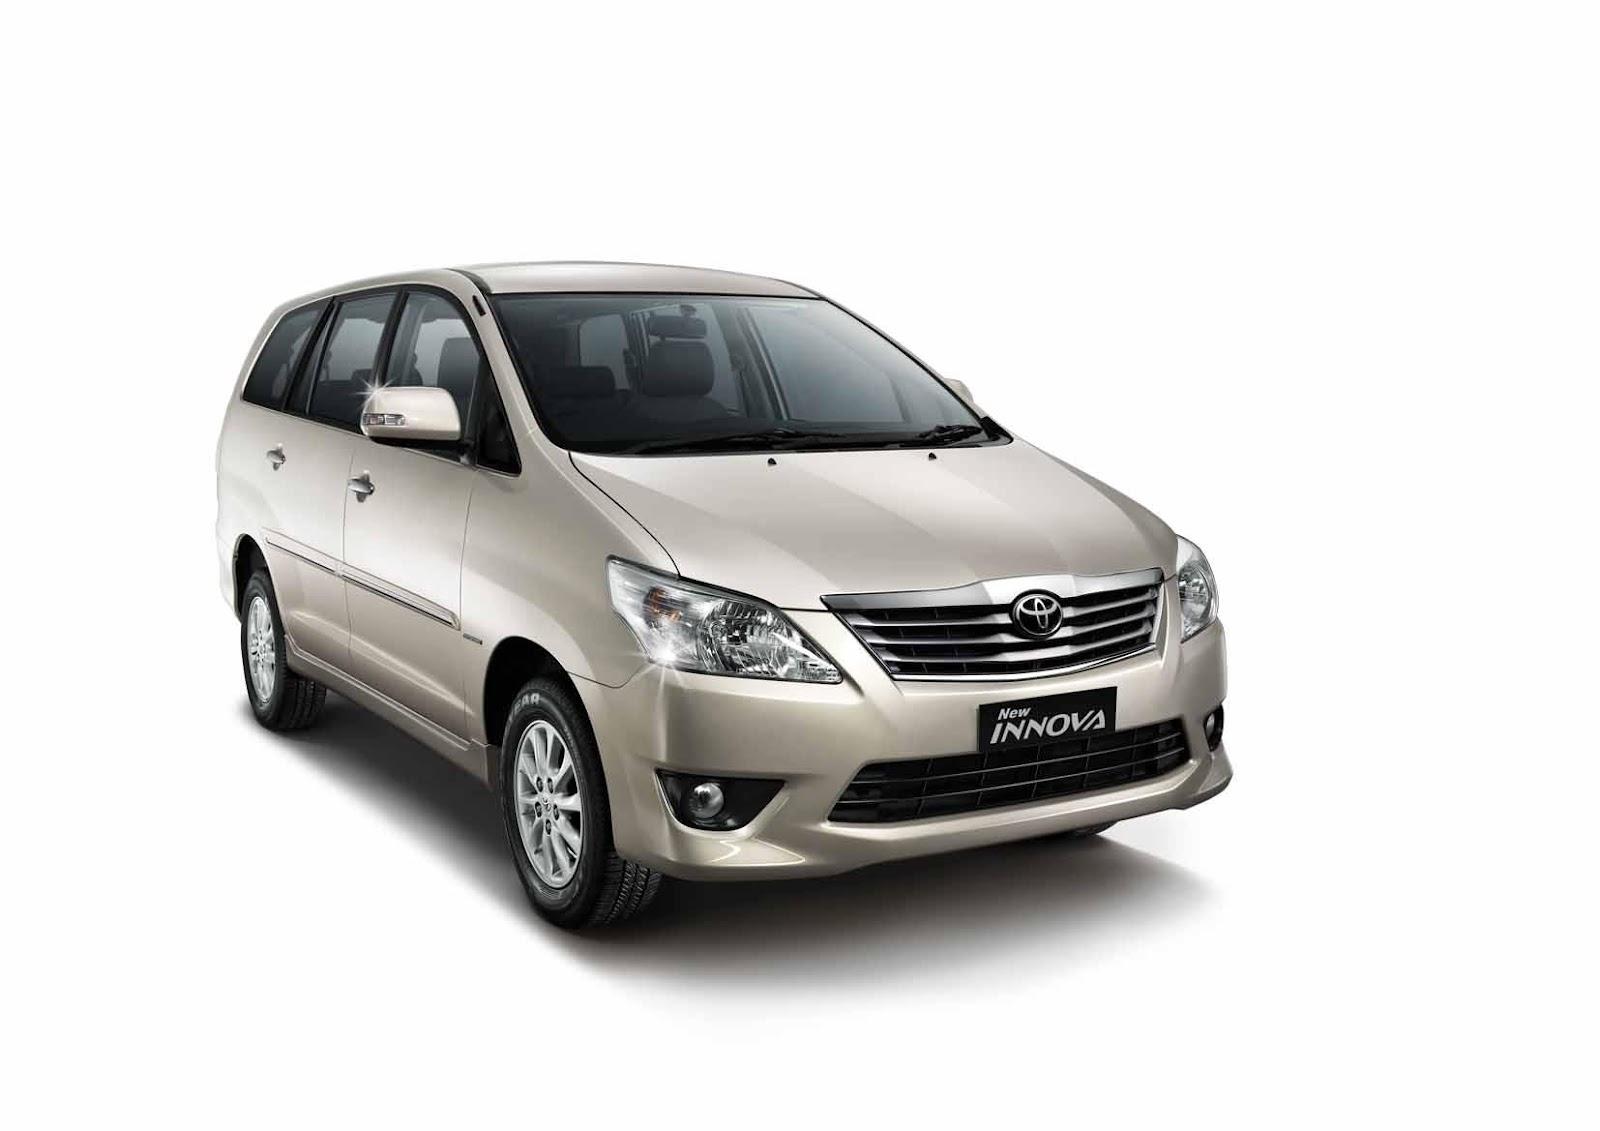 Thuê xe Innova dài hạn ở Cô Tô Vân Đồn nên chọn đơn vị nào?